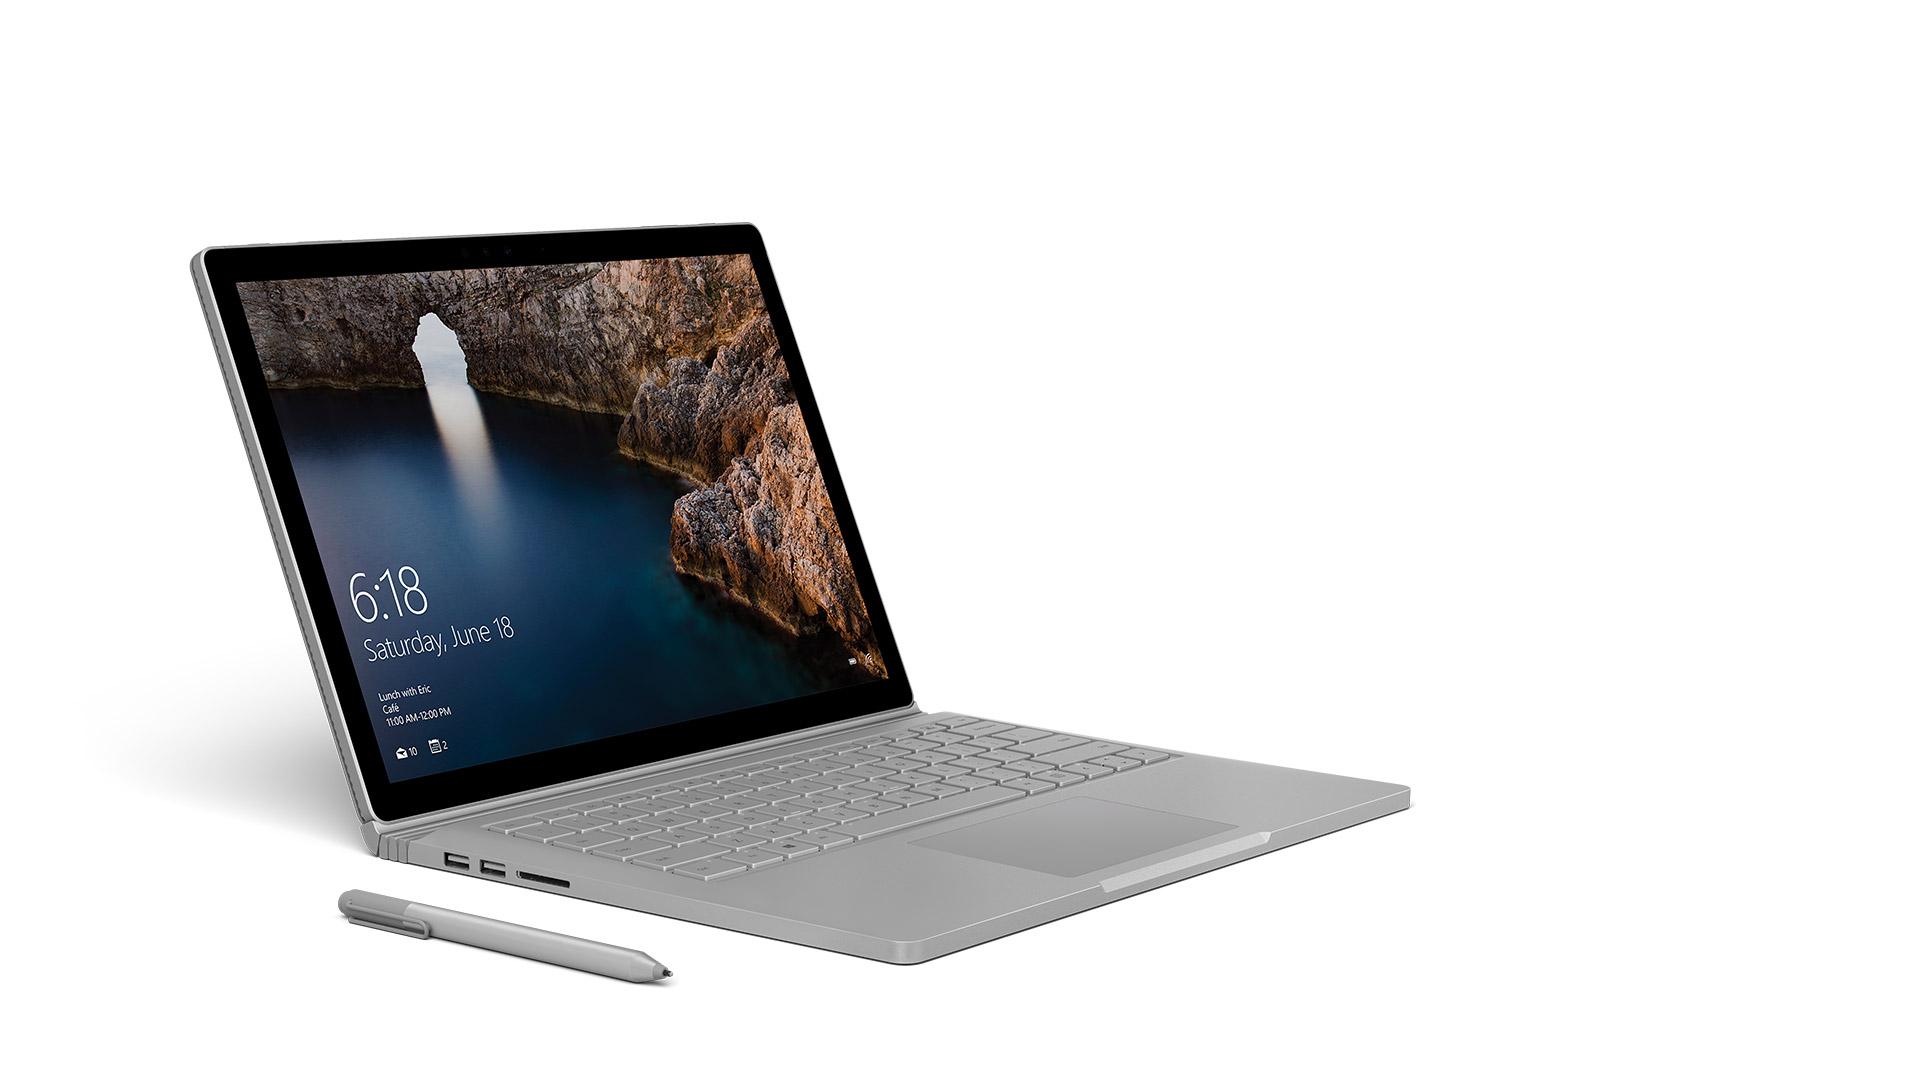 Surface Book med Surface-pennan, från höger